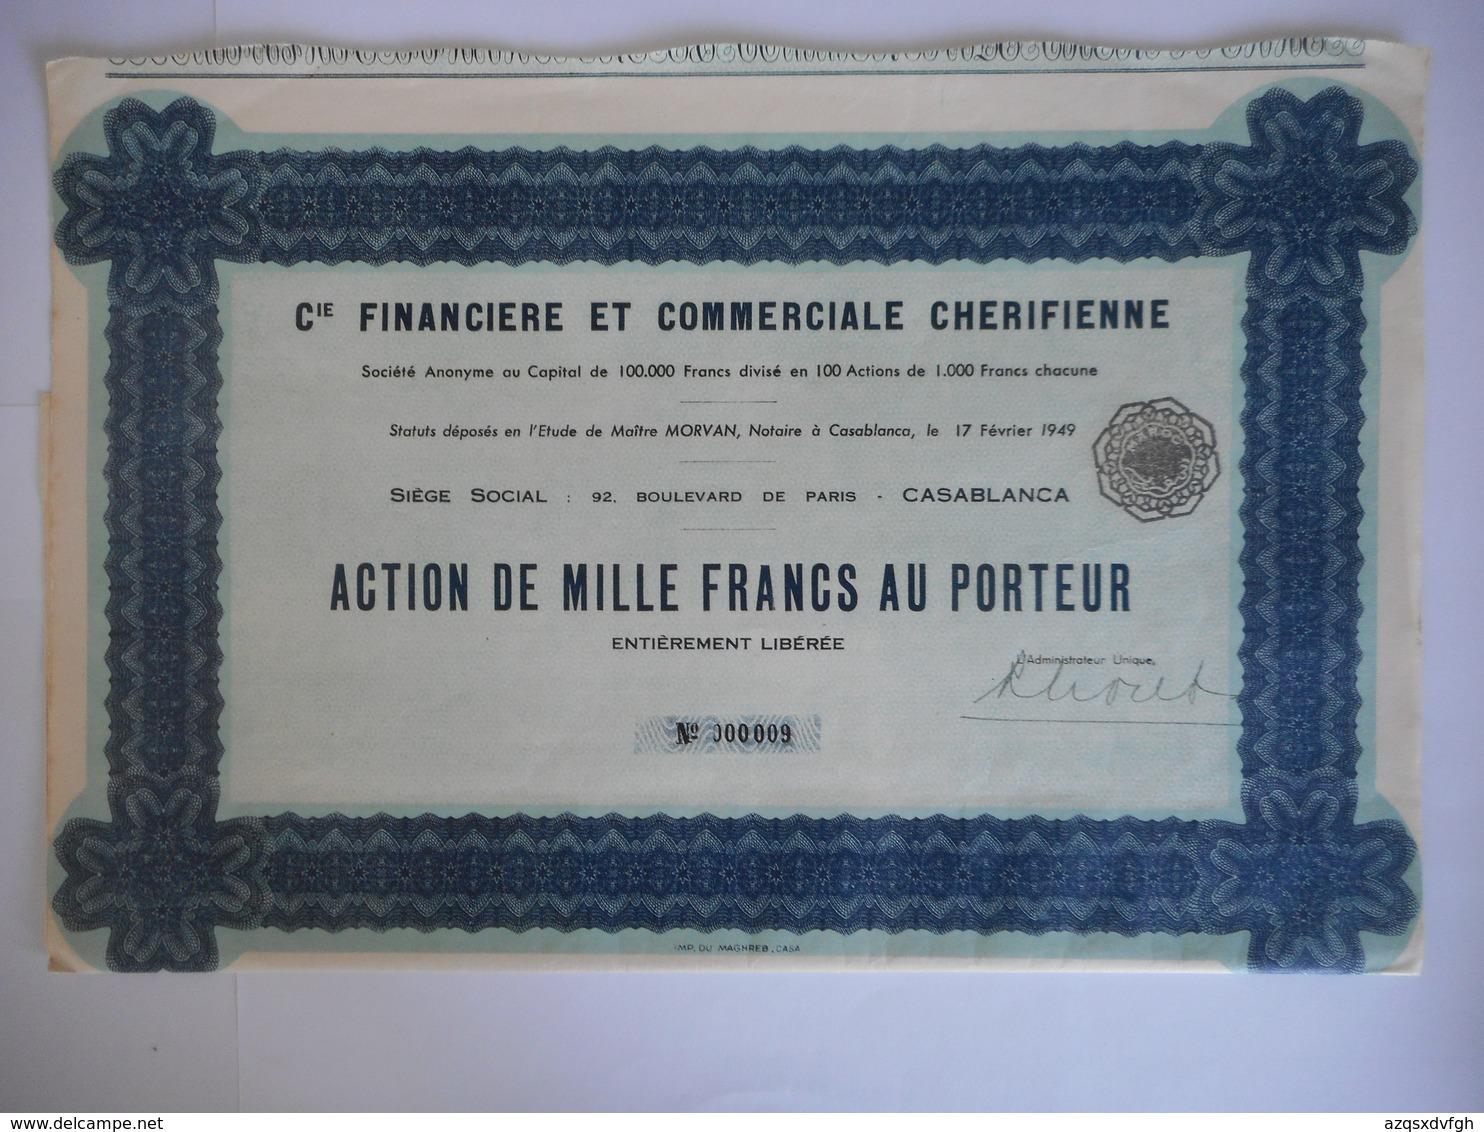 Financiere Et Commerciale CHERIFIENNE 92 Bd De PARIS     CASABLANCA       MAROC - Afrika